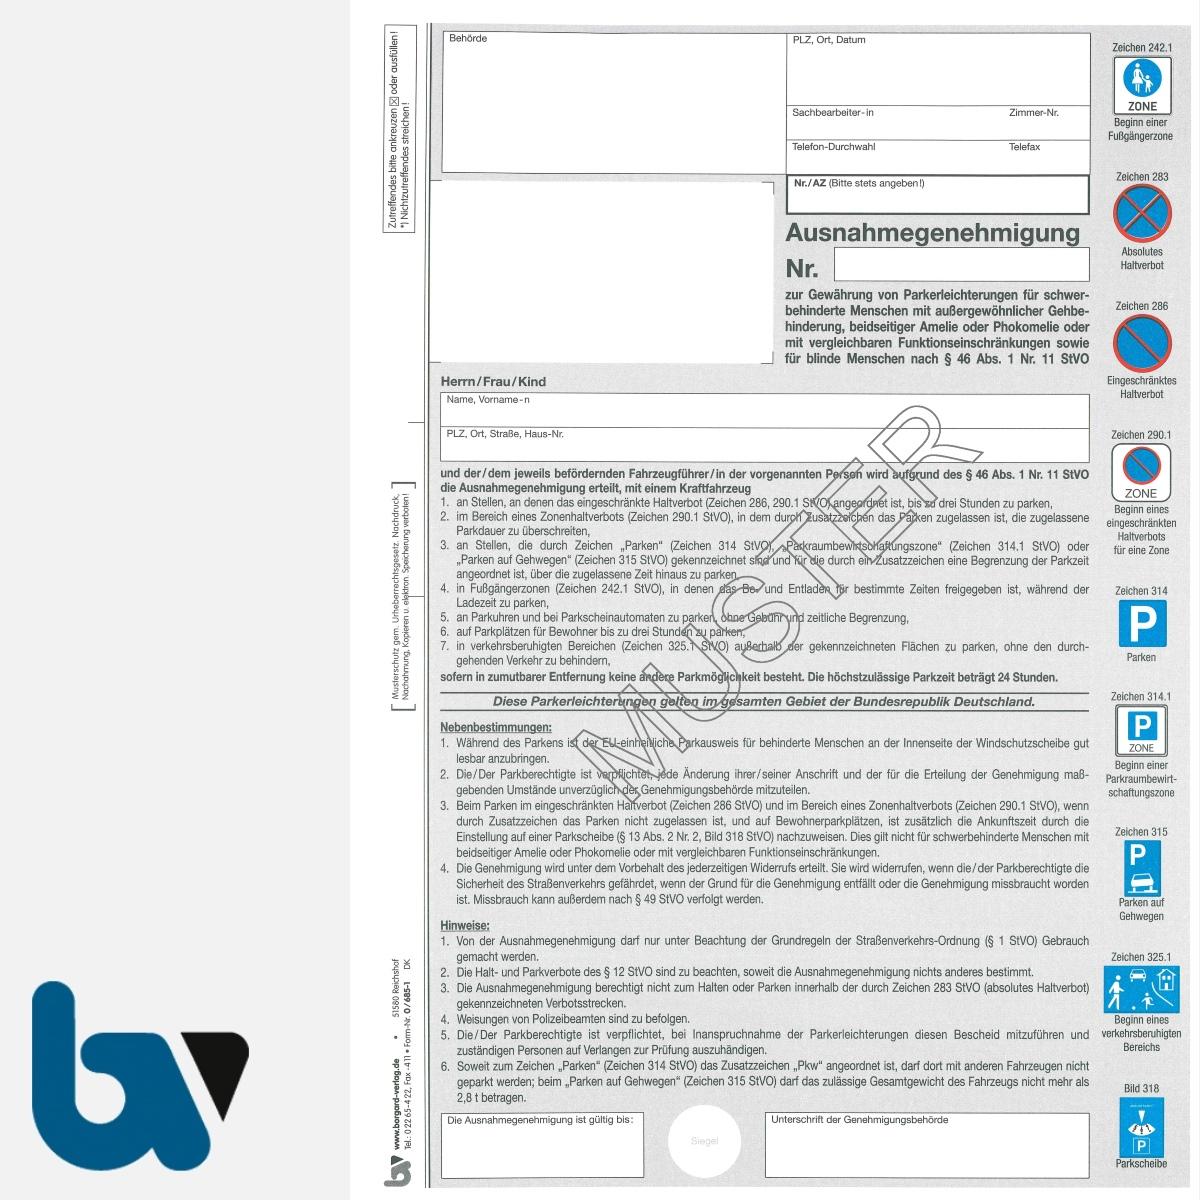 0/685-1 Ausnahmegenehmigung zum Parkausweis Parkerleichterungen EU-Modell europäisch blau Modell behinderte Menschen DIN A4 2-fach mit farbigen Verkehrszeichen | Borgard Verlag GmbH